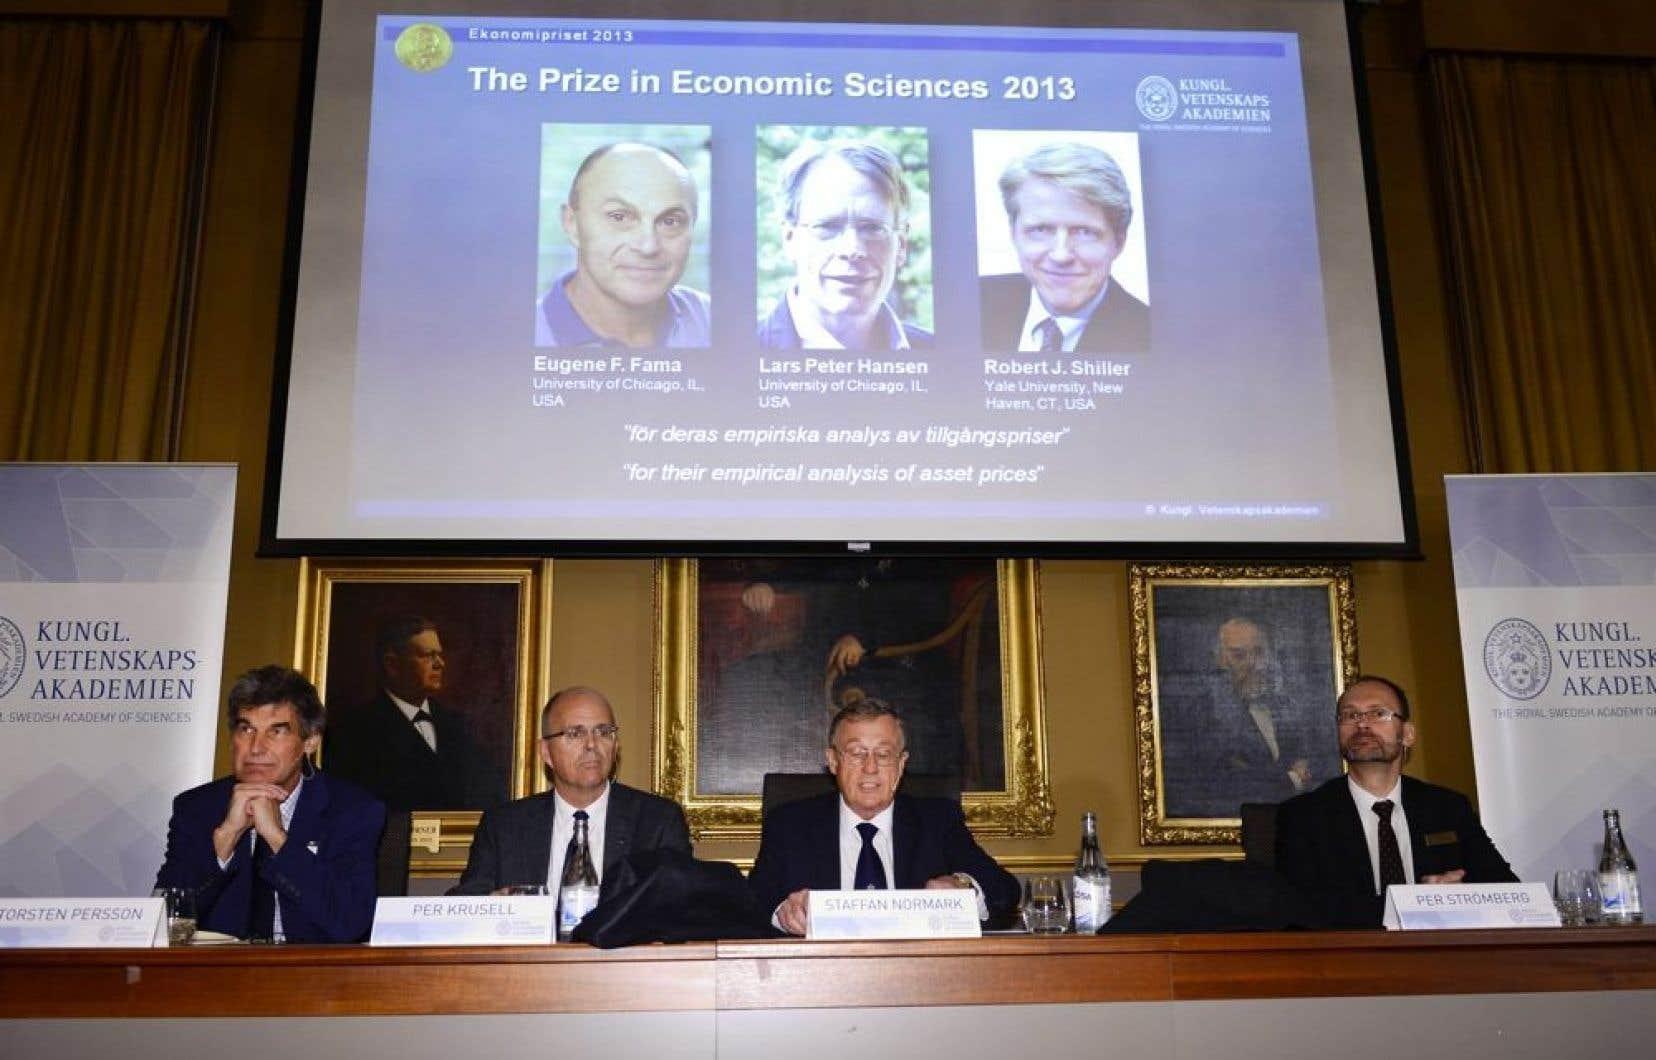 L'Académie royale des sciences de Suède a remis lundi le prix Nobel d'économie àEugene Fama et Lars Peter Hansen, qui enseignent à l'Université de Chicago, et à Robert Shiller, professeur à l'Université Yale.